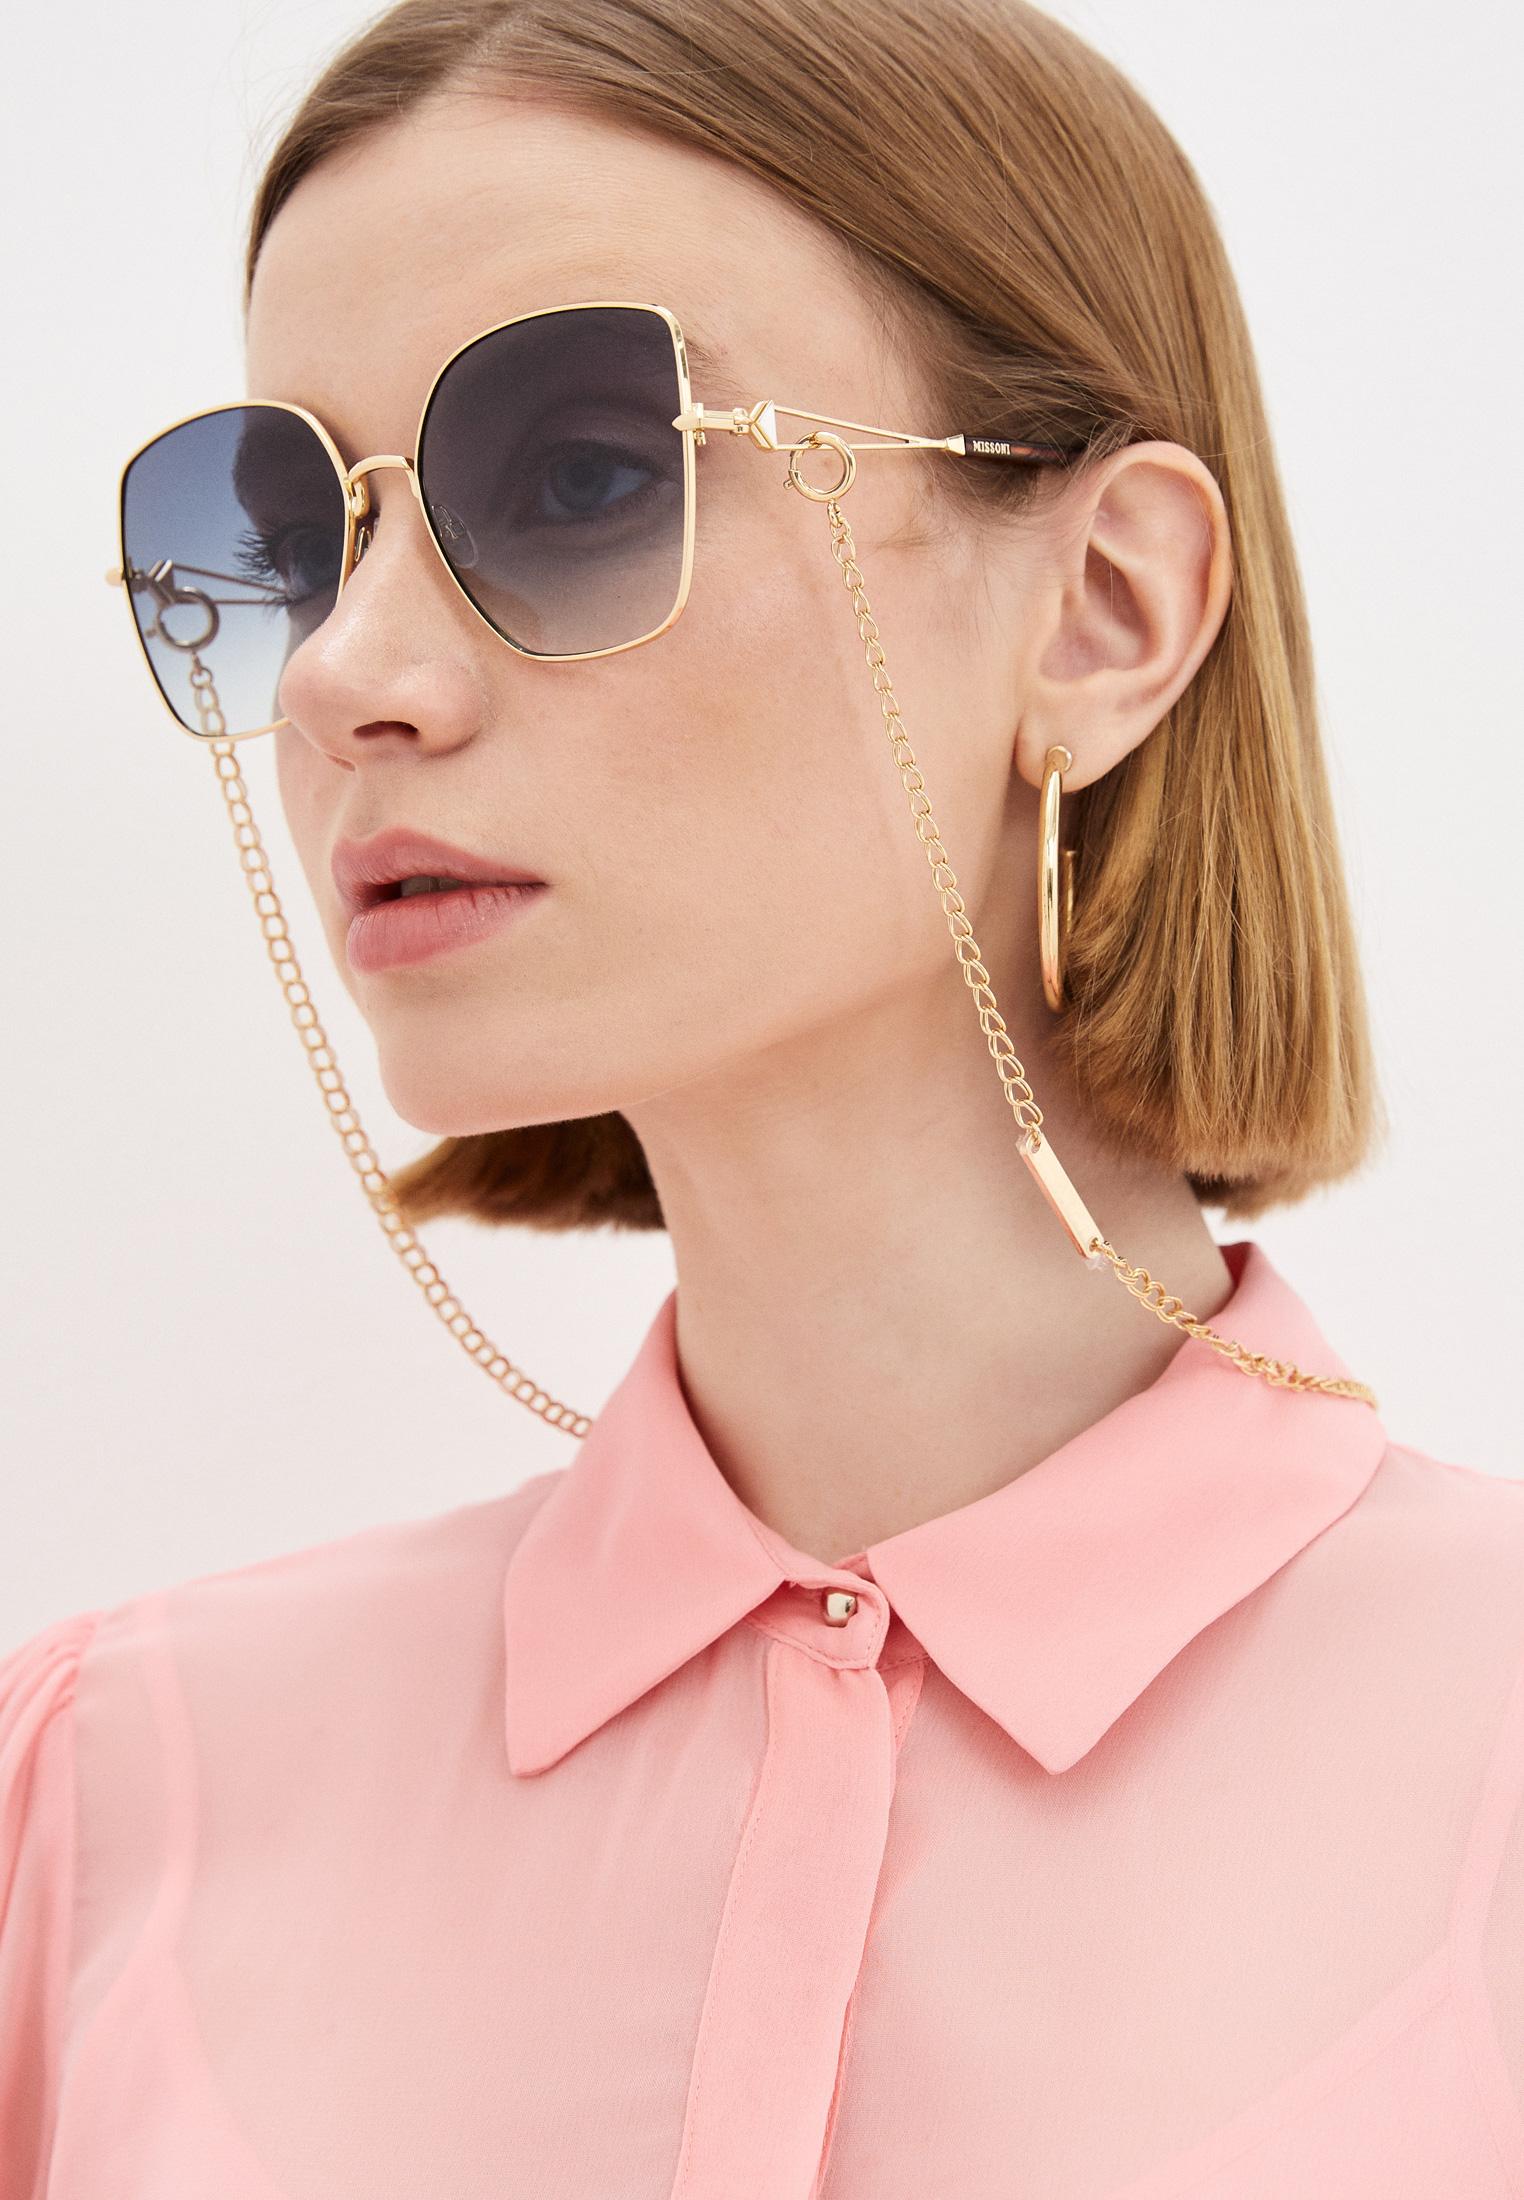 Женские солнцезащитные очки Missoni (Миссони) MIS 0052/S